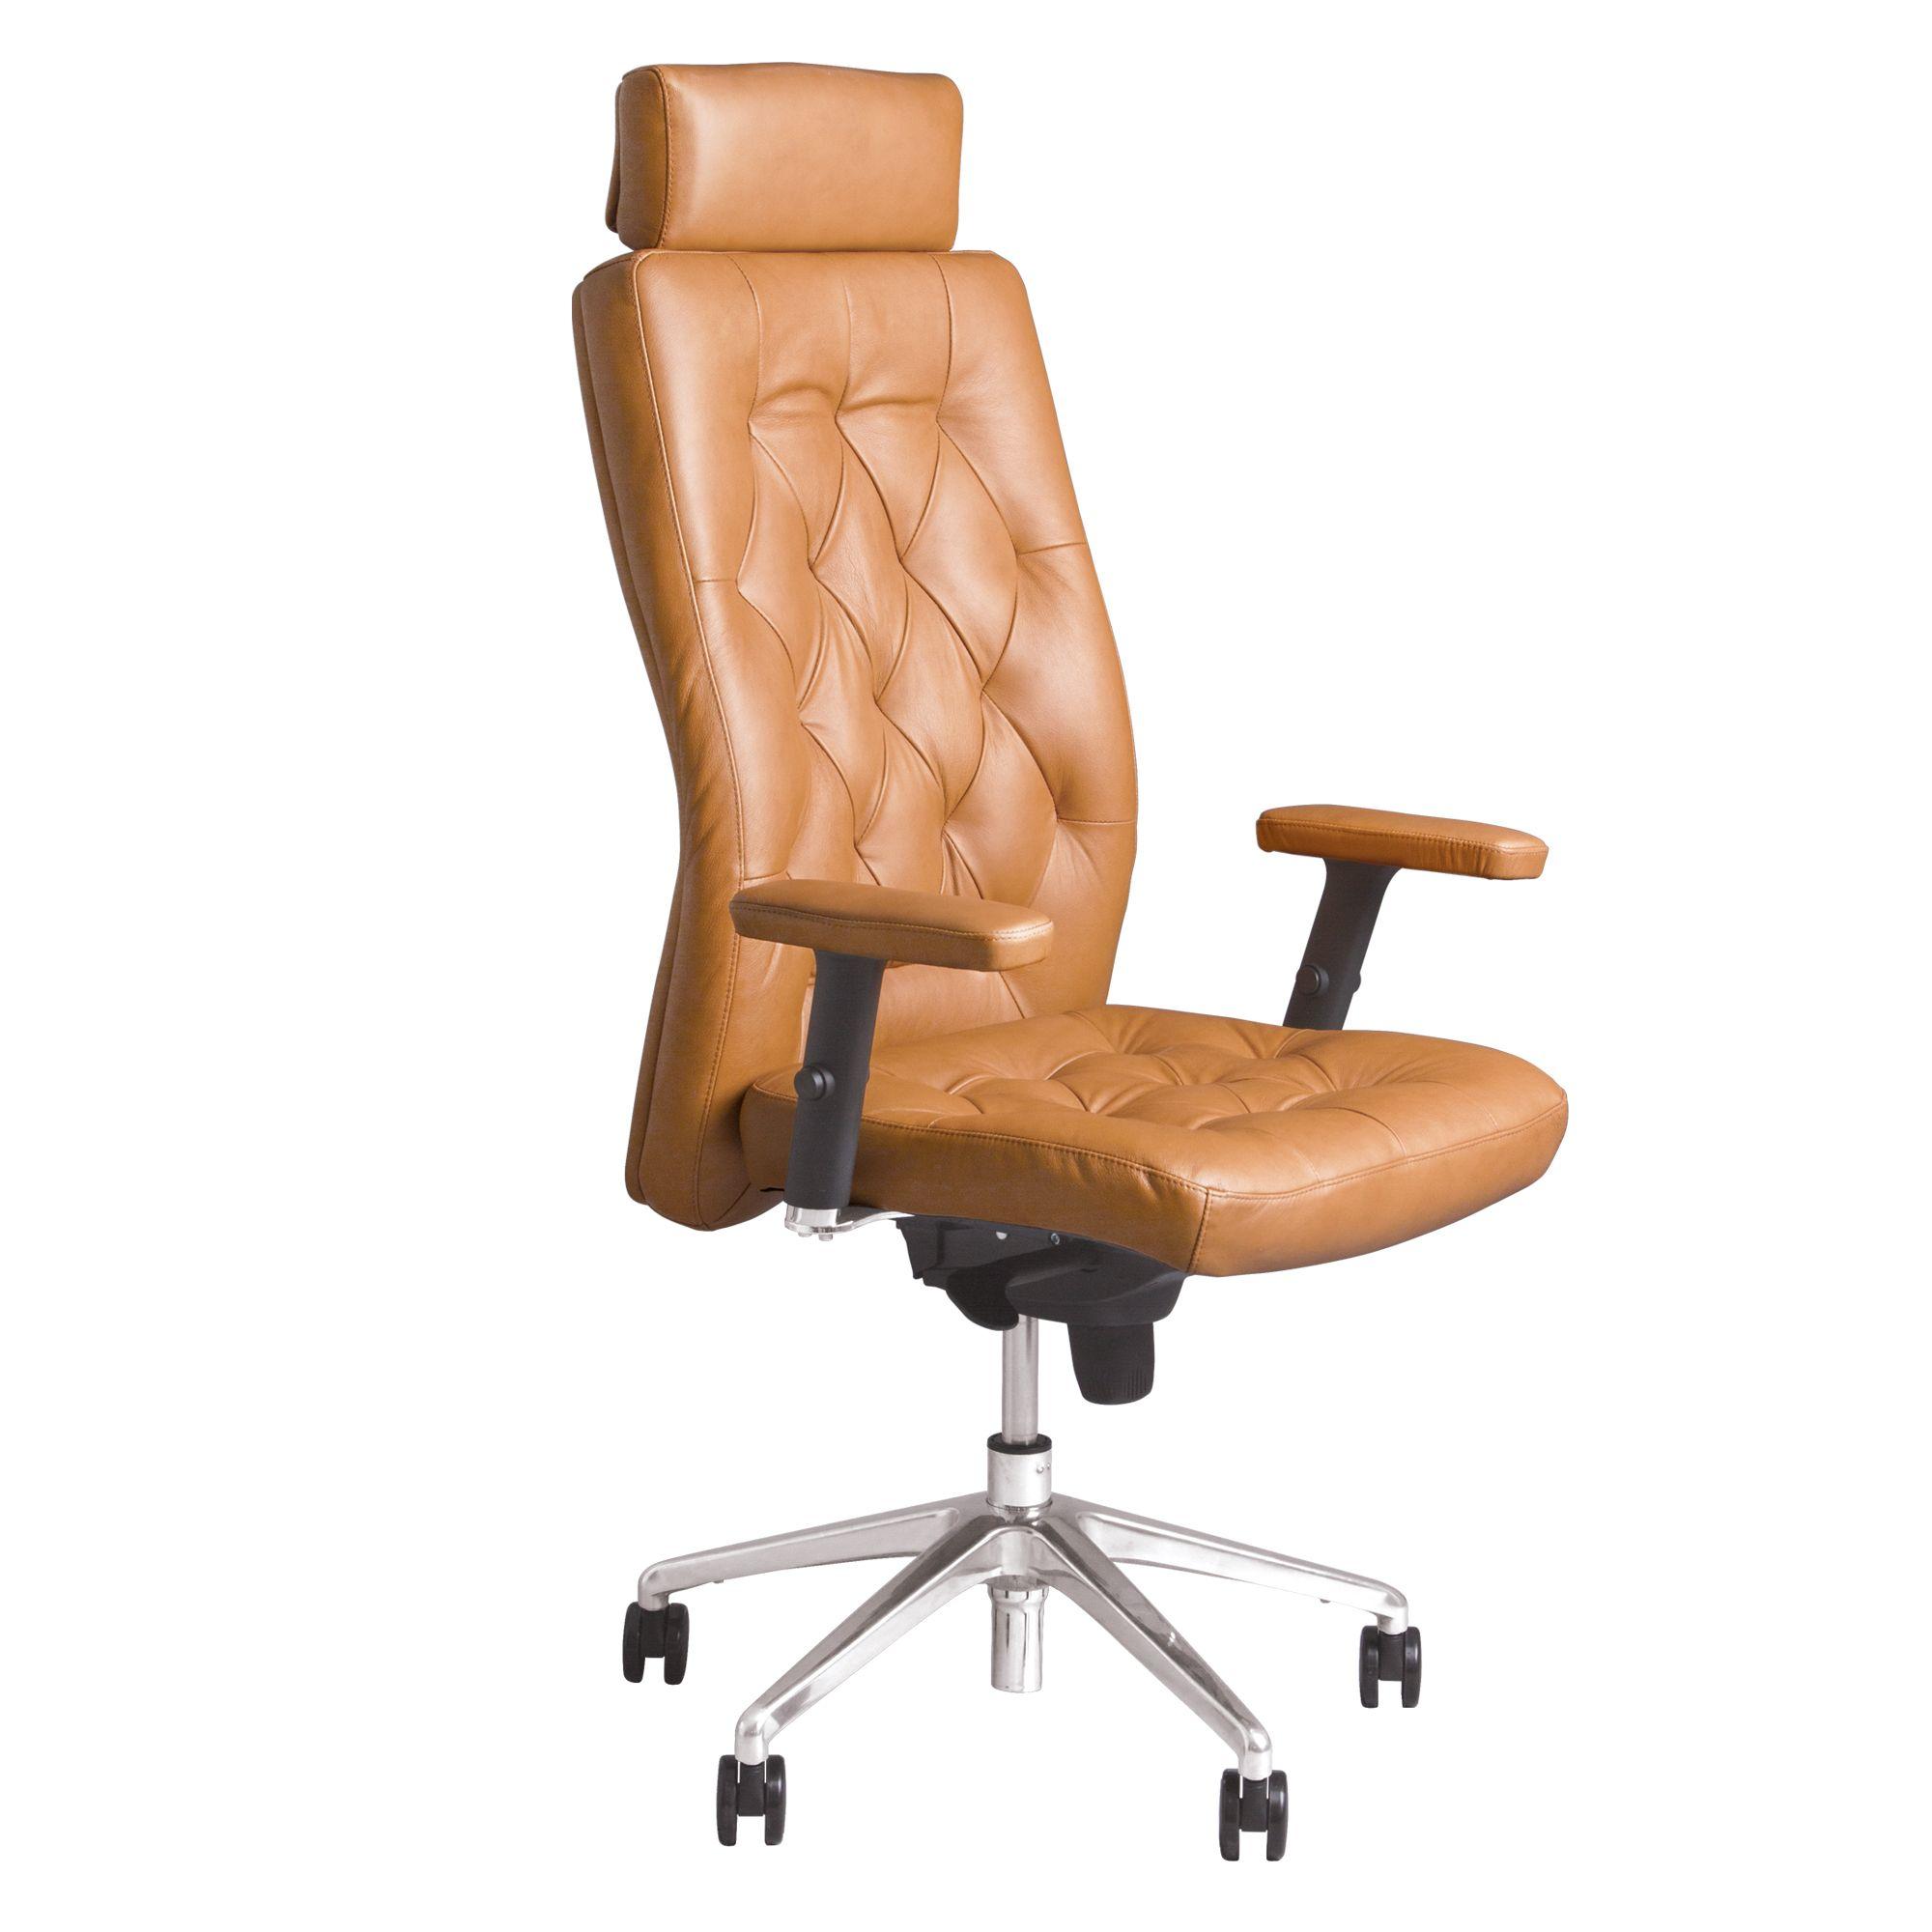 Epingle Sur Https Www Chaise Expert Fr Fauteuils De Direction Xsl 352 Html